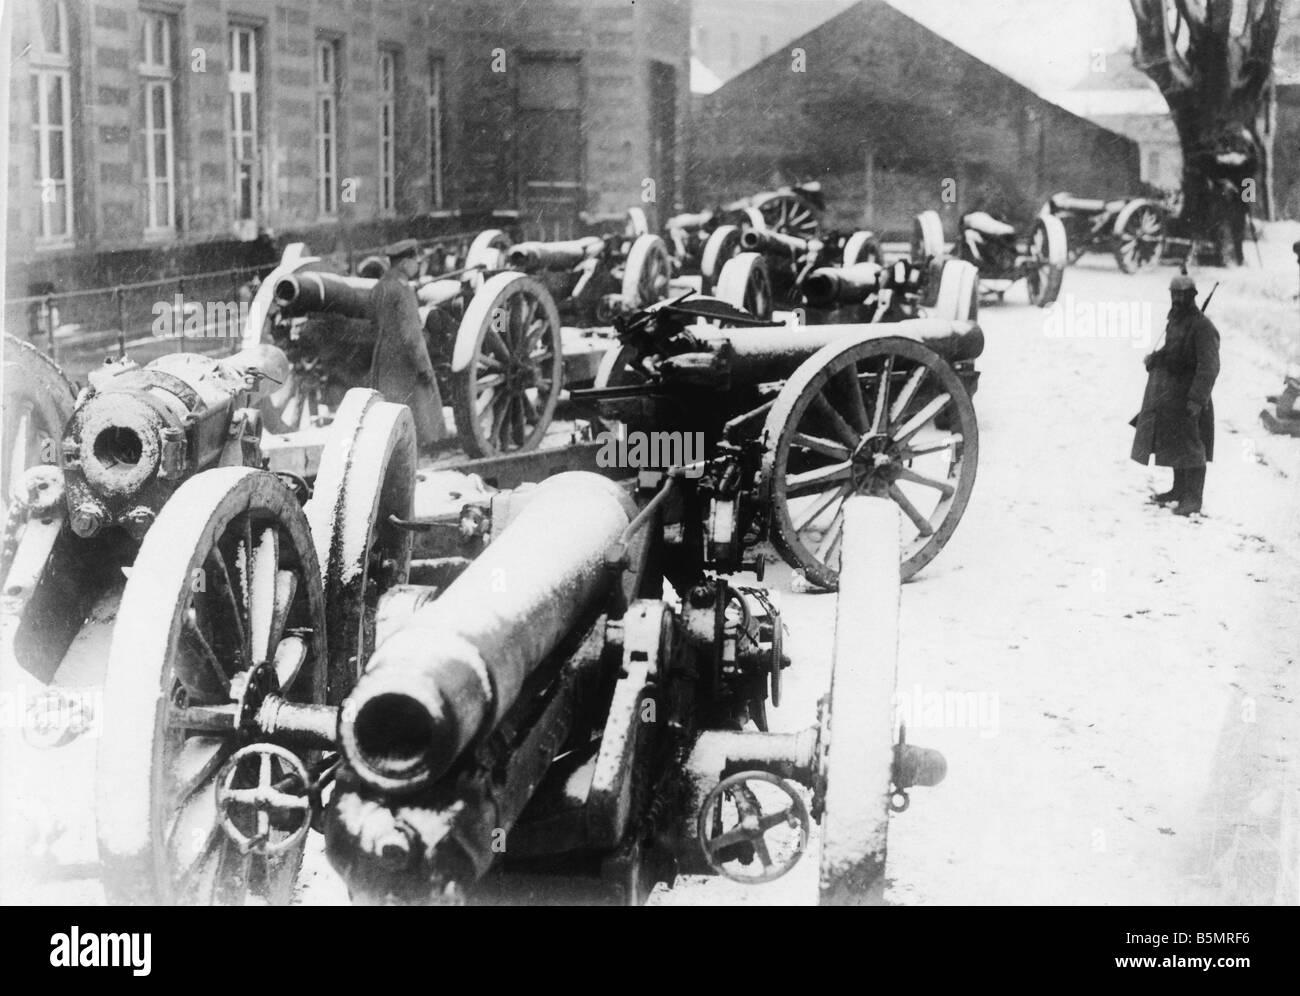 9-1917-11-20 A2 5 E gefangen Gewehre 1917 Erster Weltkrieg 1914-18 1 Western Front Panzerschlacht bei Cambrai 20. Stockbild